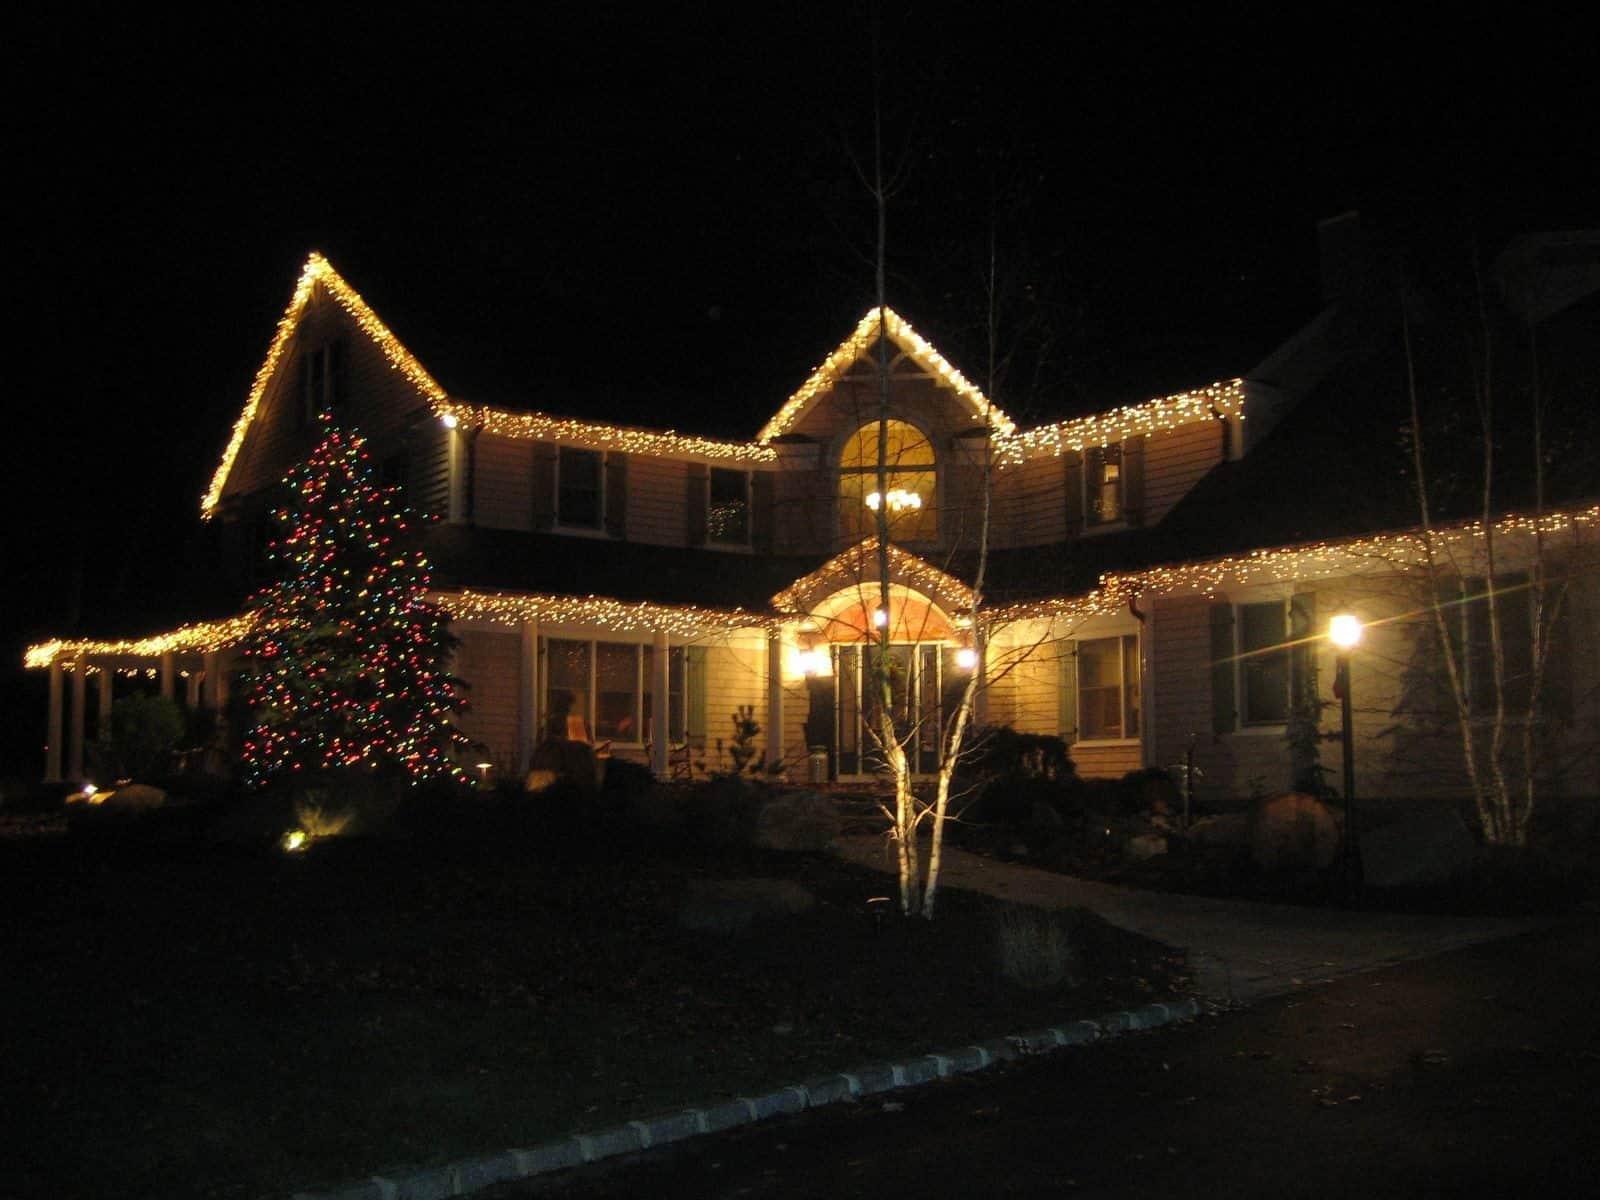 Outdoor Holiday Lights - Southampton, Long Island NY